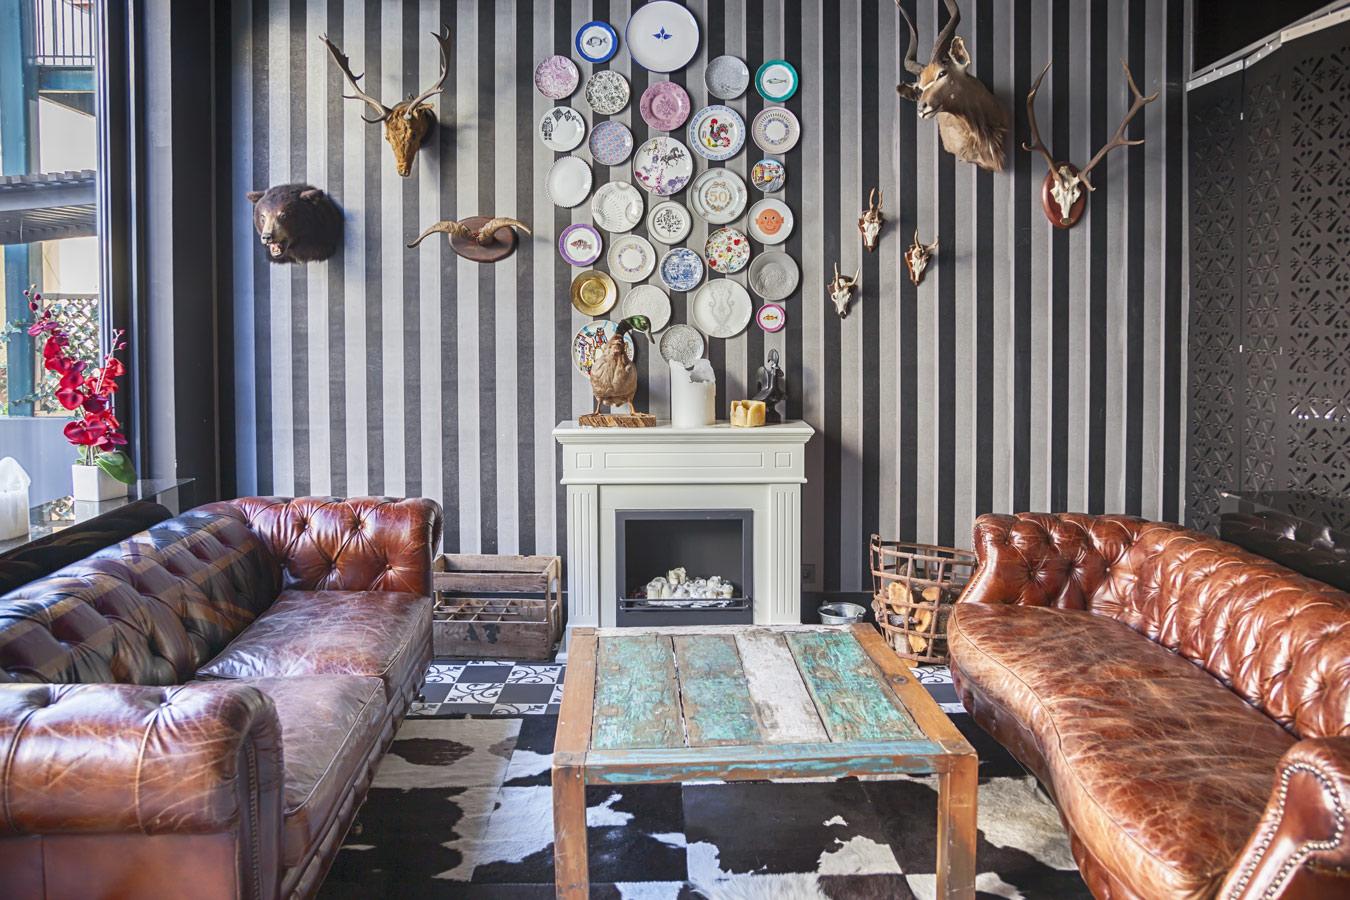 Muurdecoratie Leuke Tips Originele Ideeen